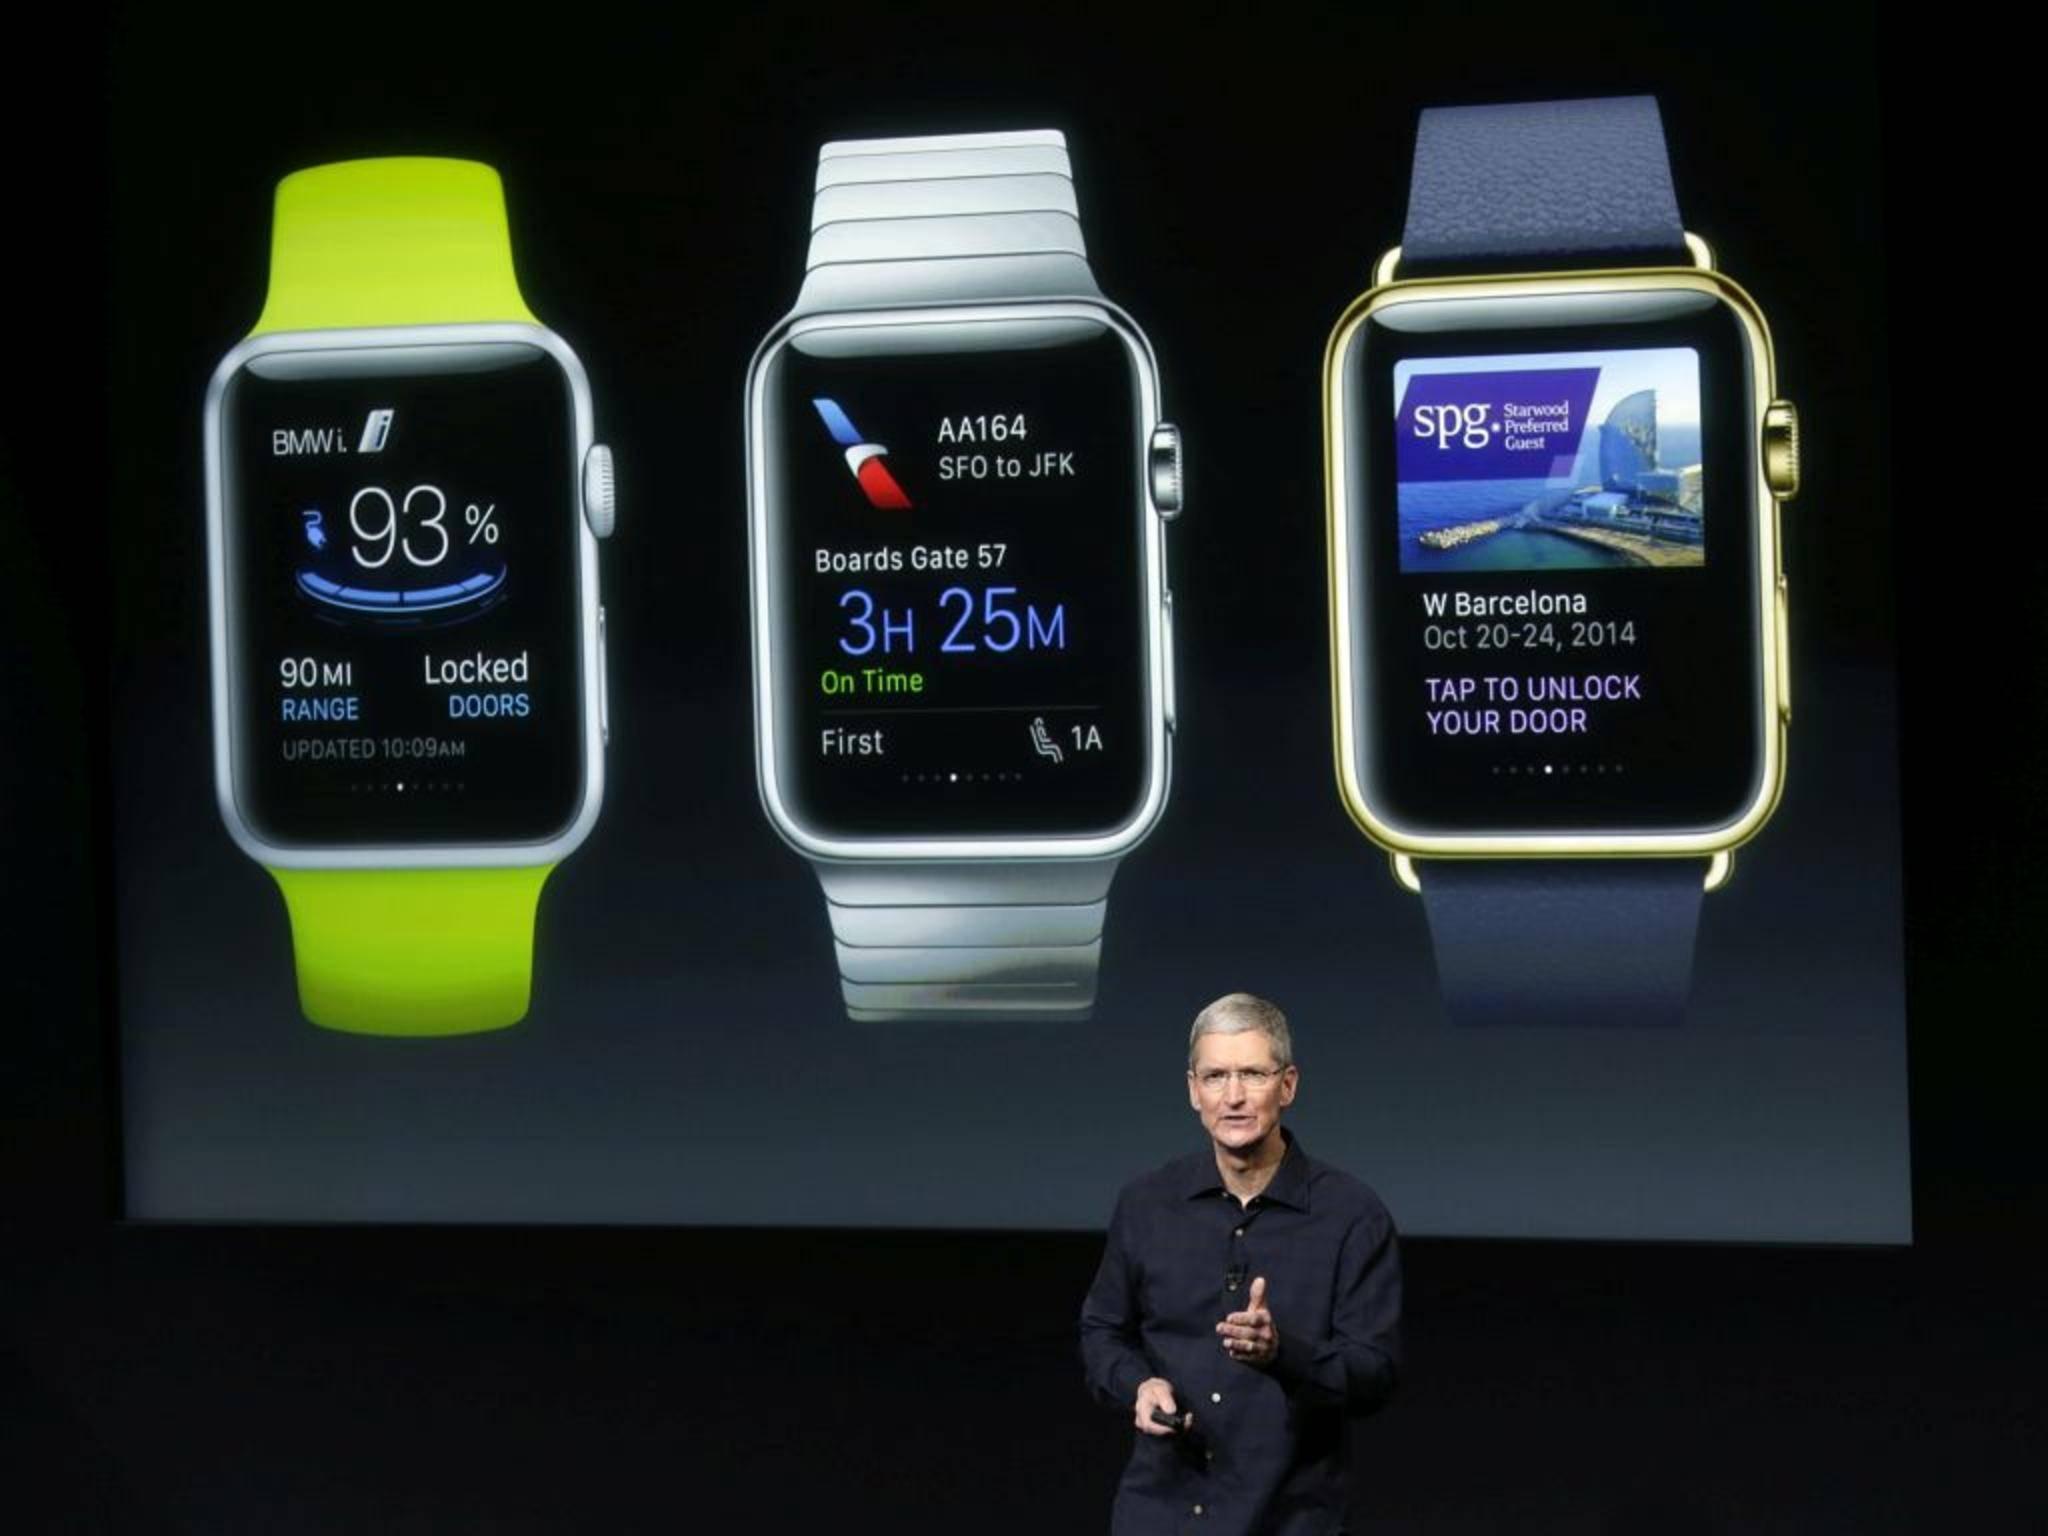 Die Apple Watch könnte sich im ersten Jahr bis zu 20 Millionen Mal verkaufen.